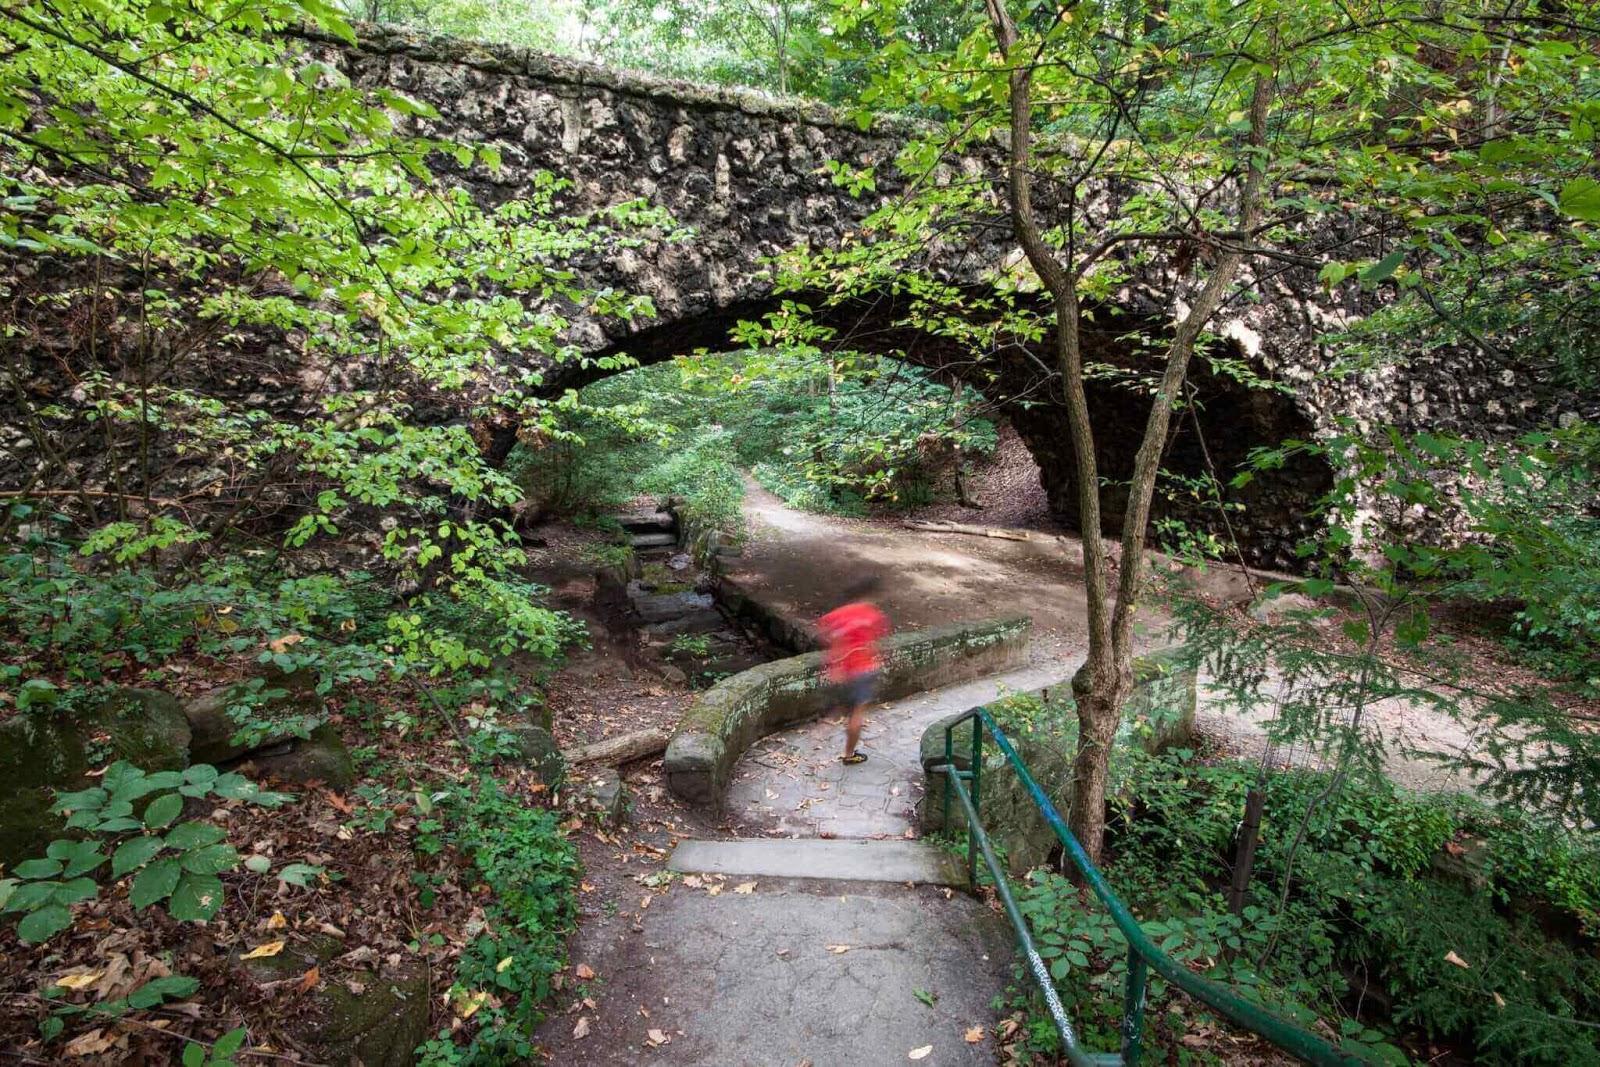 Man walking under stone bridge in park